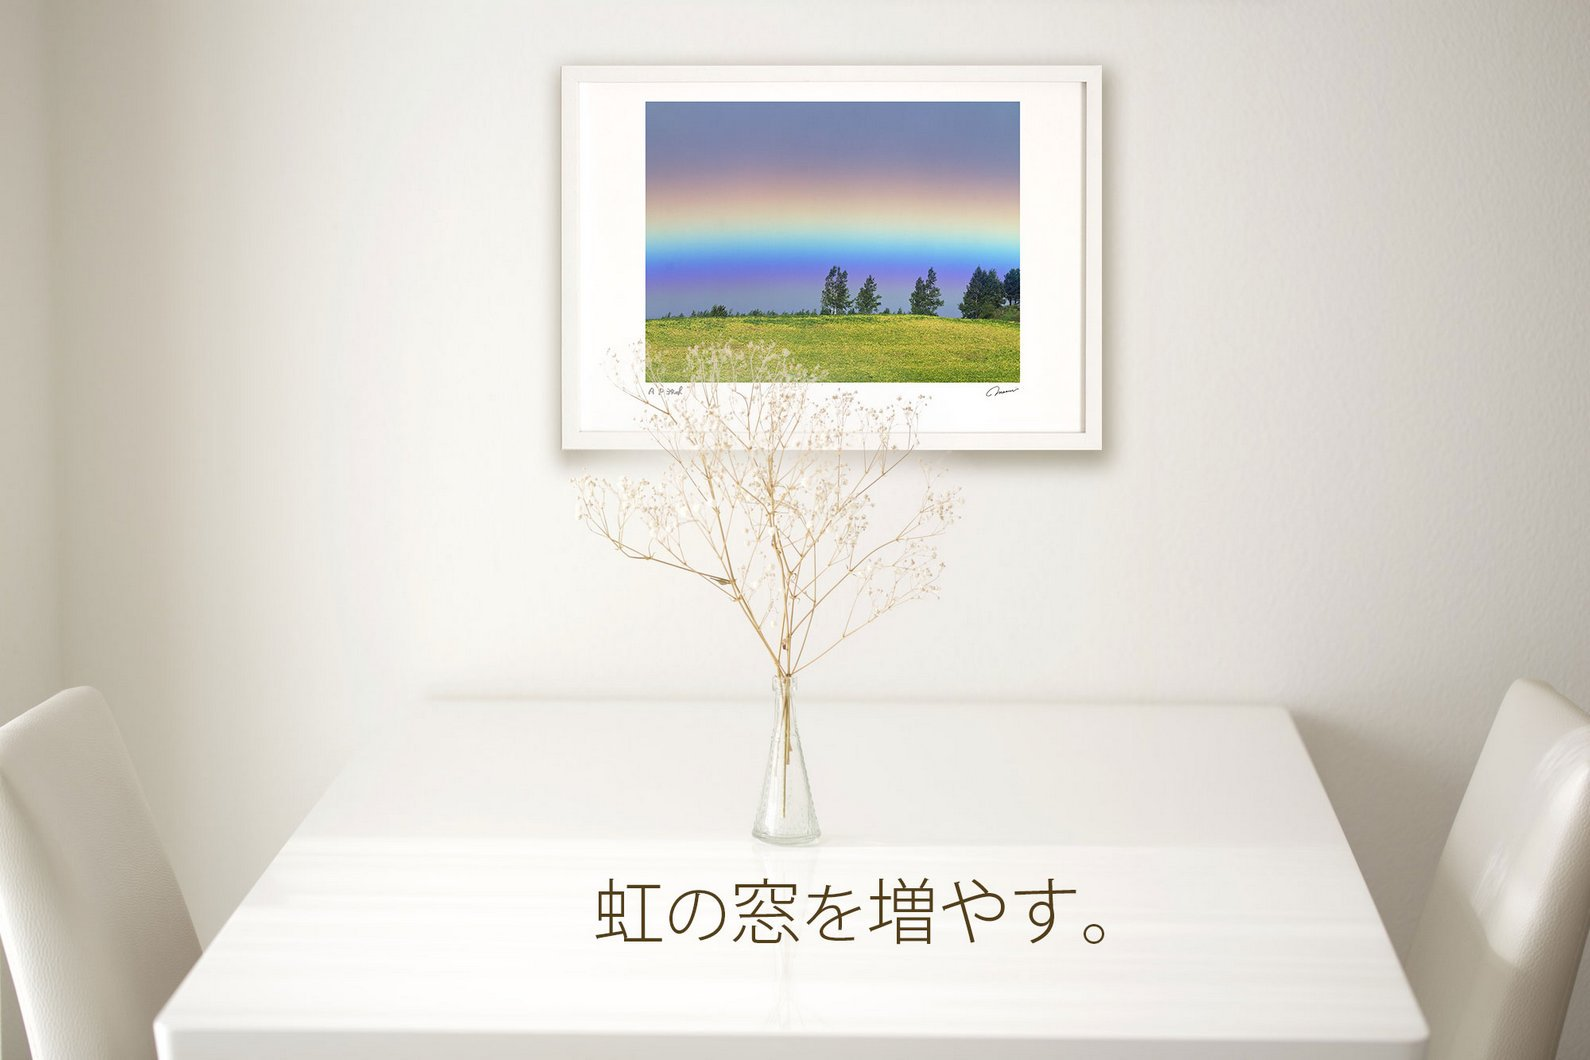 《アートフォト》カタクリ9/美瑛町〔富良野・高橋真澄〕(レンタル対象)